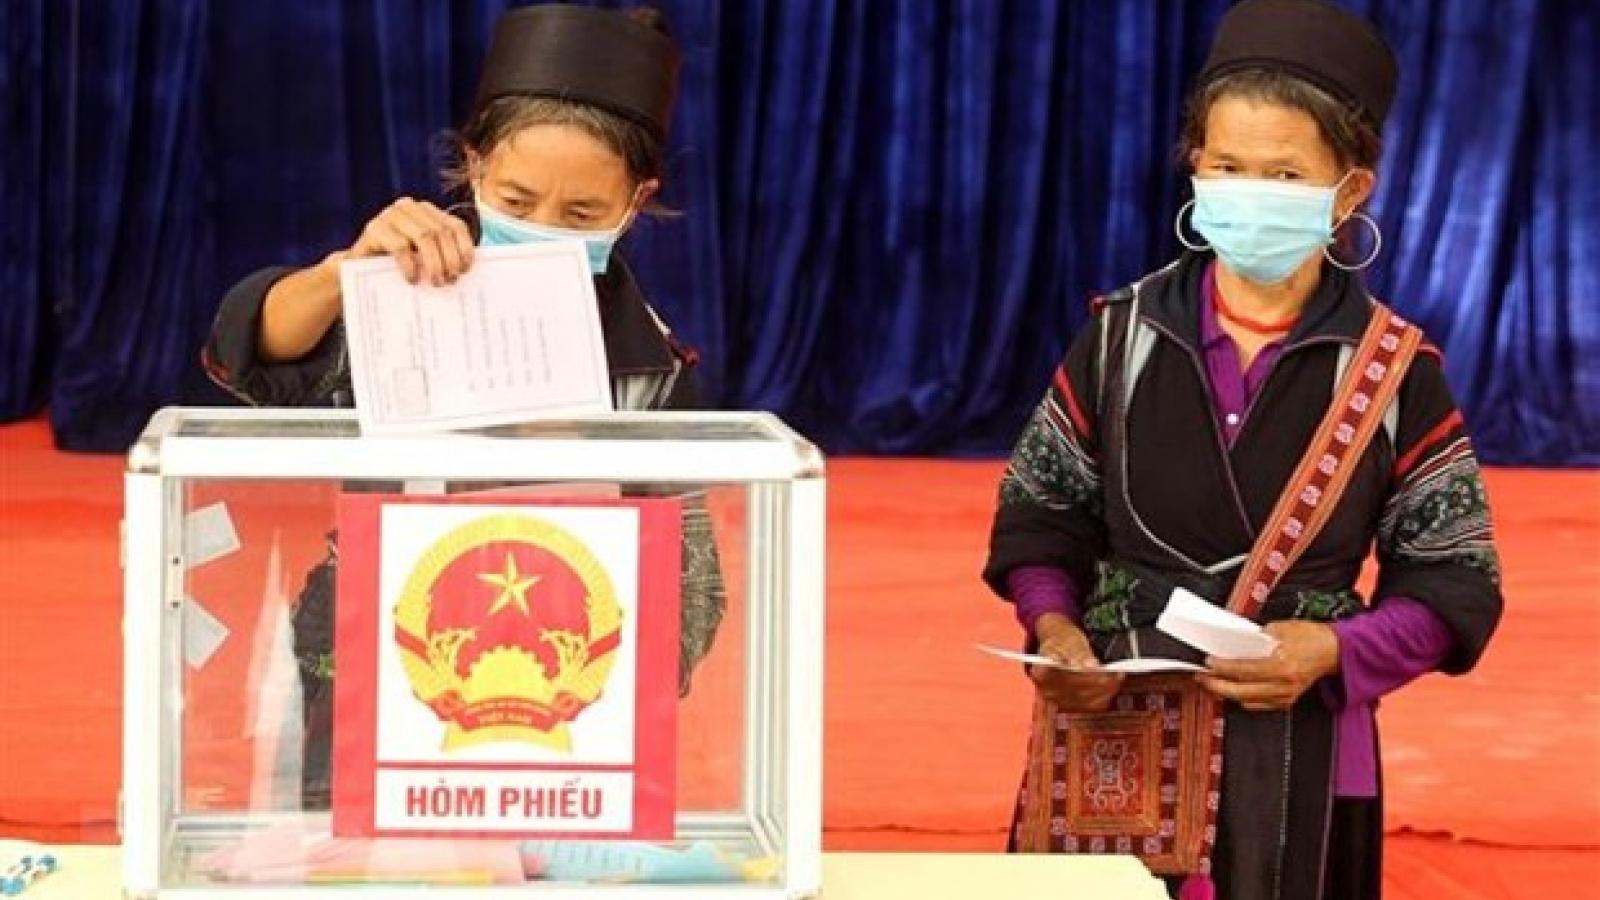 Báo Séc: Việt Nam đảm bảo an toàn bầu cử trong bối cảnh đại dịch